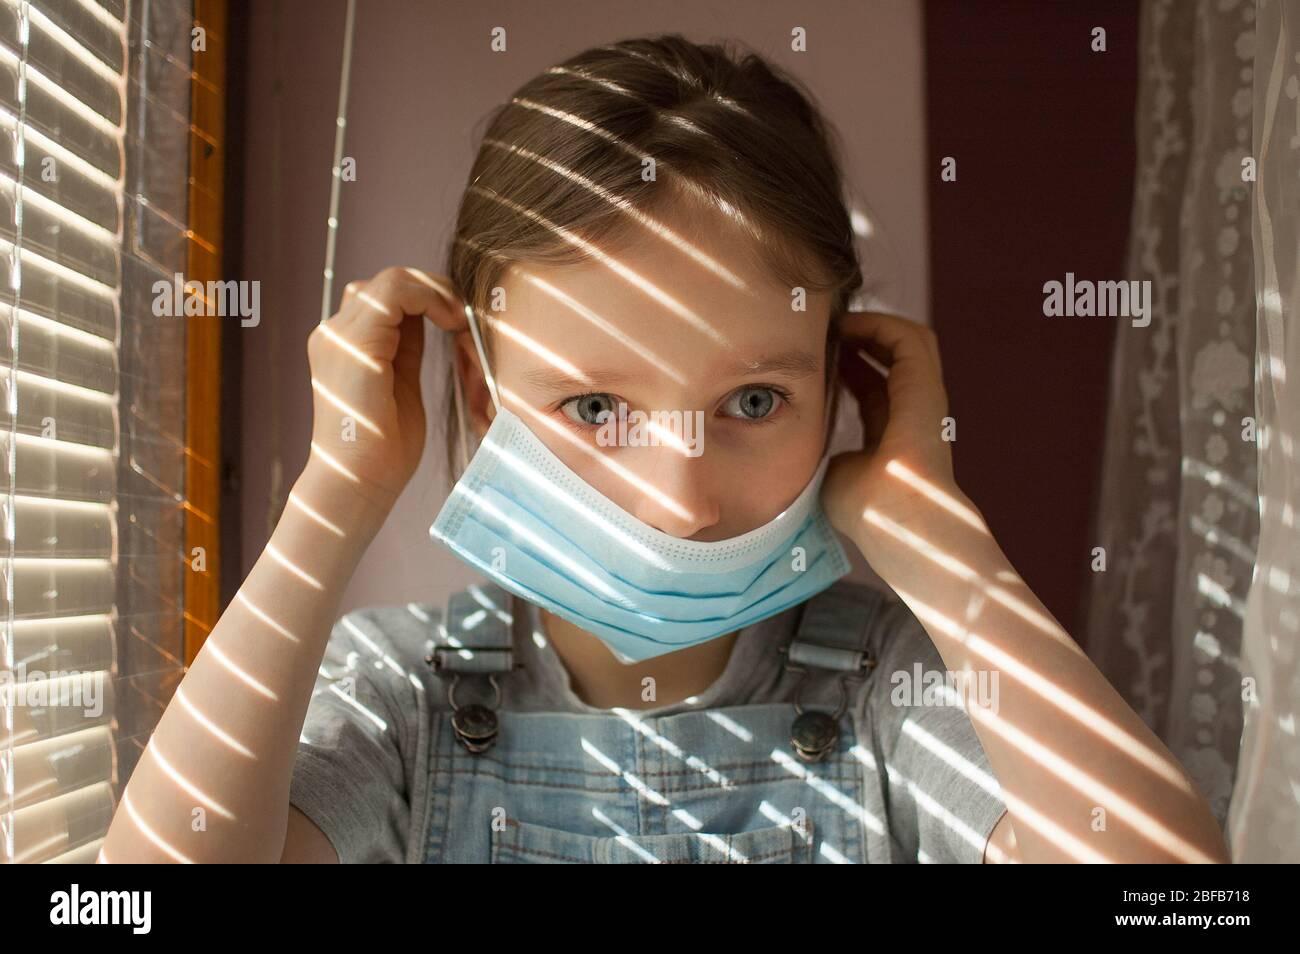 Petite fille est assise sur le seuil de la fenêtre et tente de mettre un masque de protection jetable sur son visage pendant l'auto-isolation à la maison à cause de Coronavirus Banque D'Images